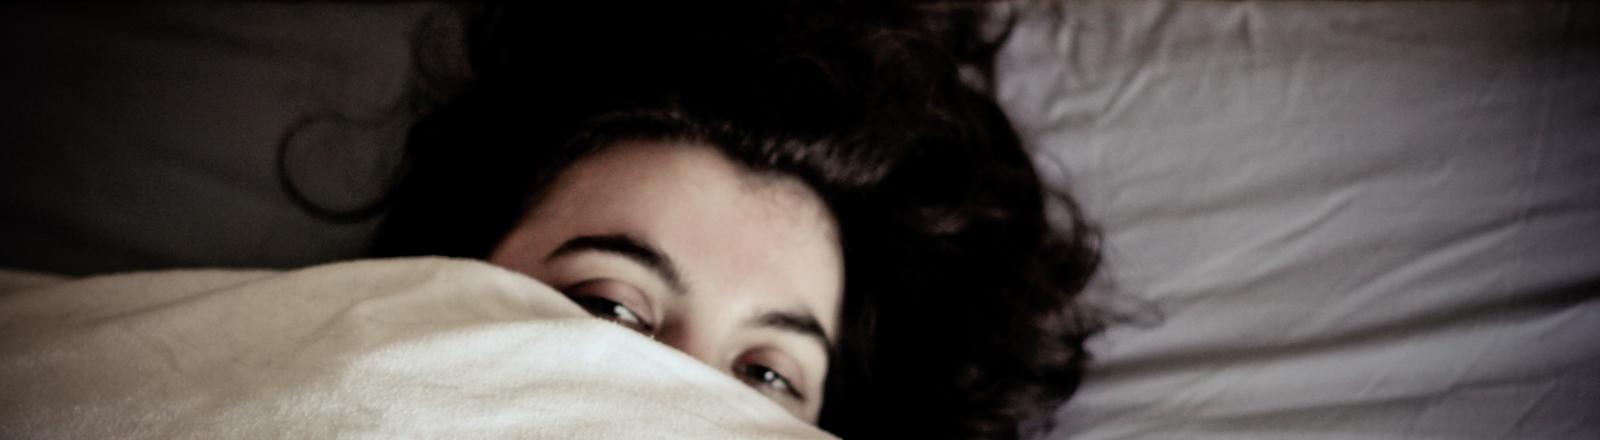 Eine Frau liegt im Bett und versucht zu schlafen.